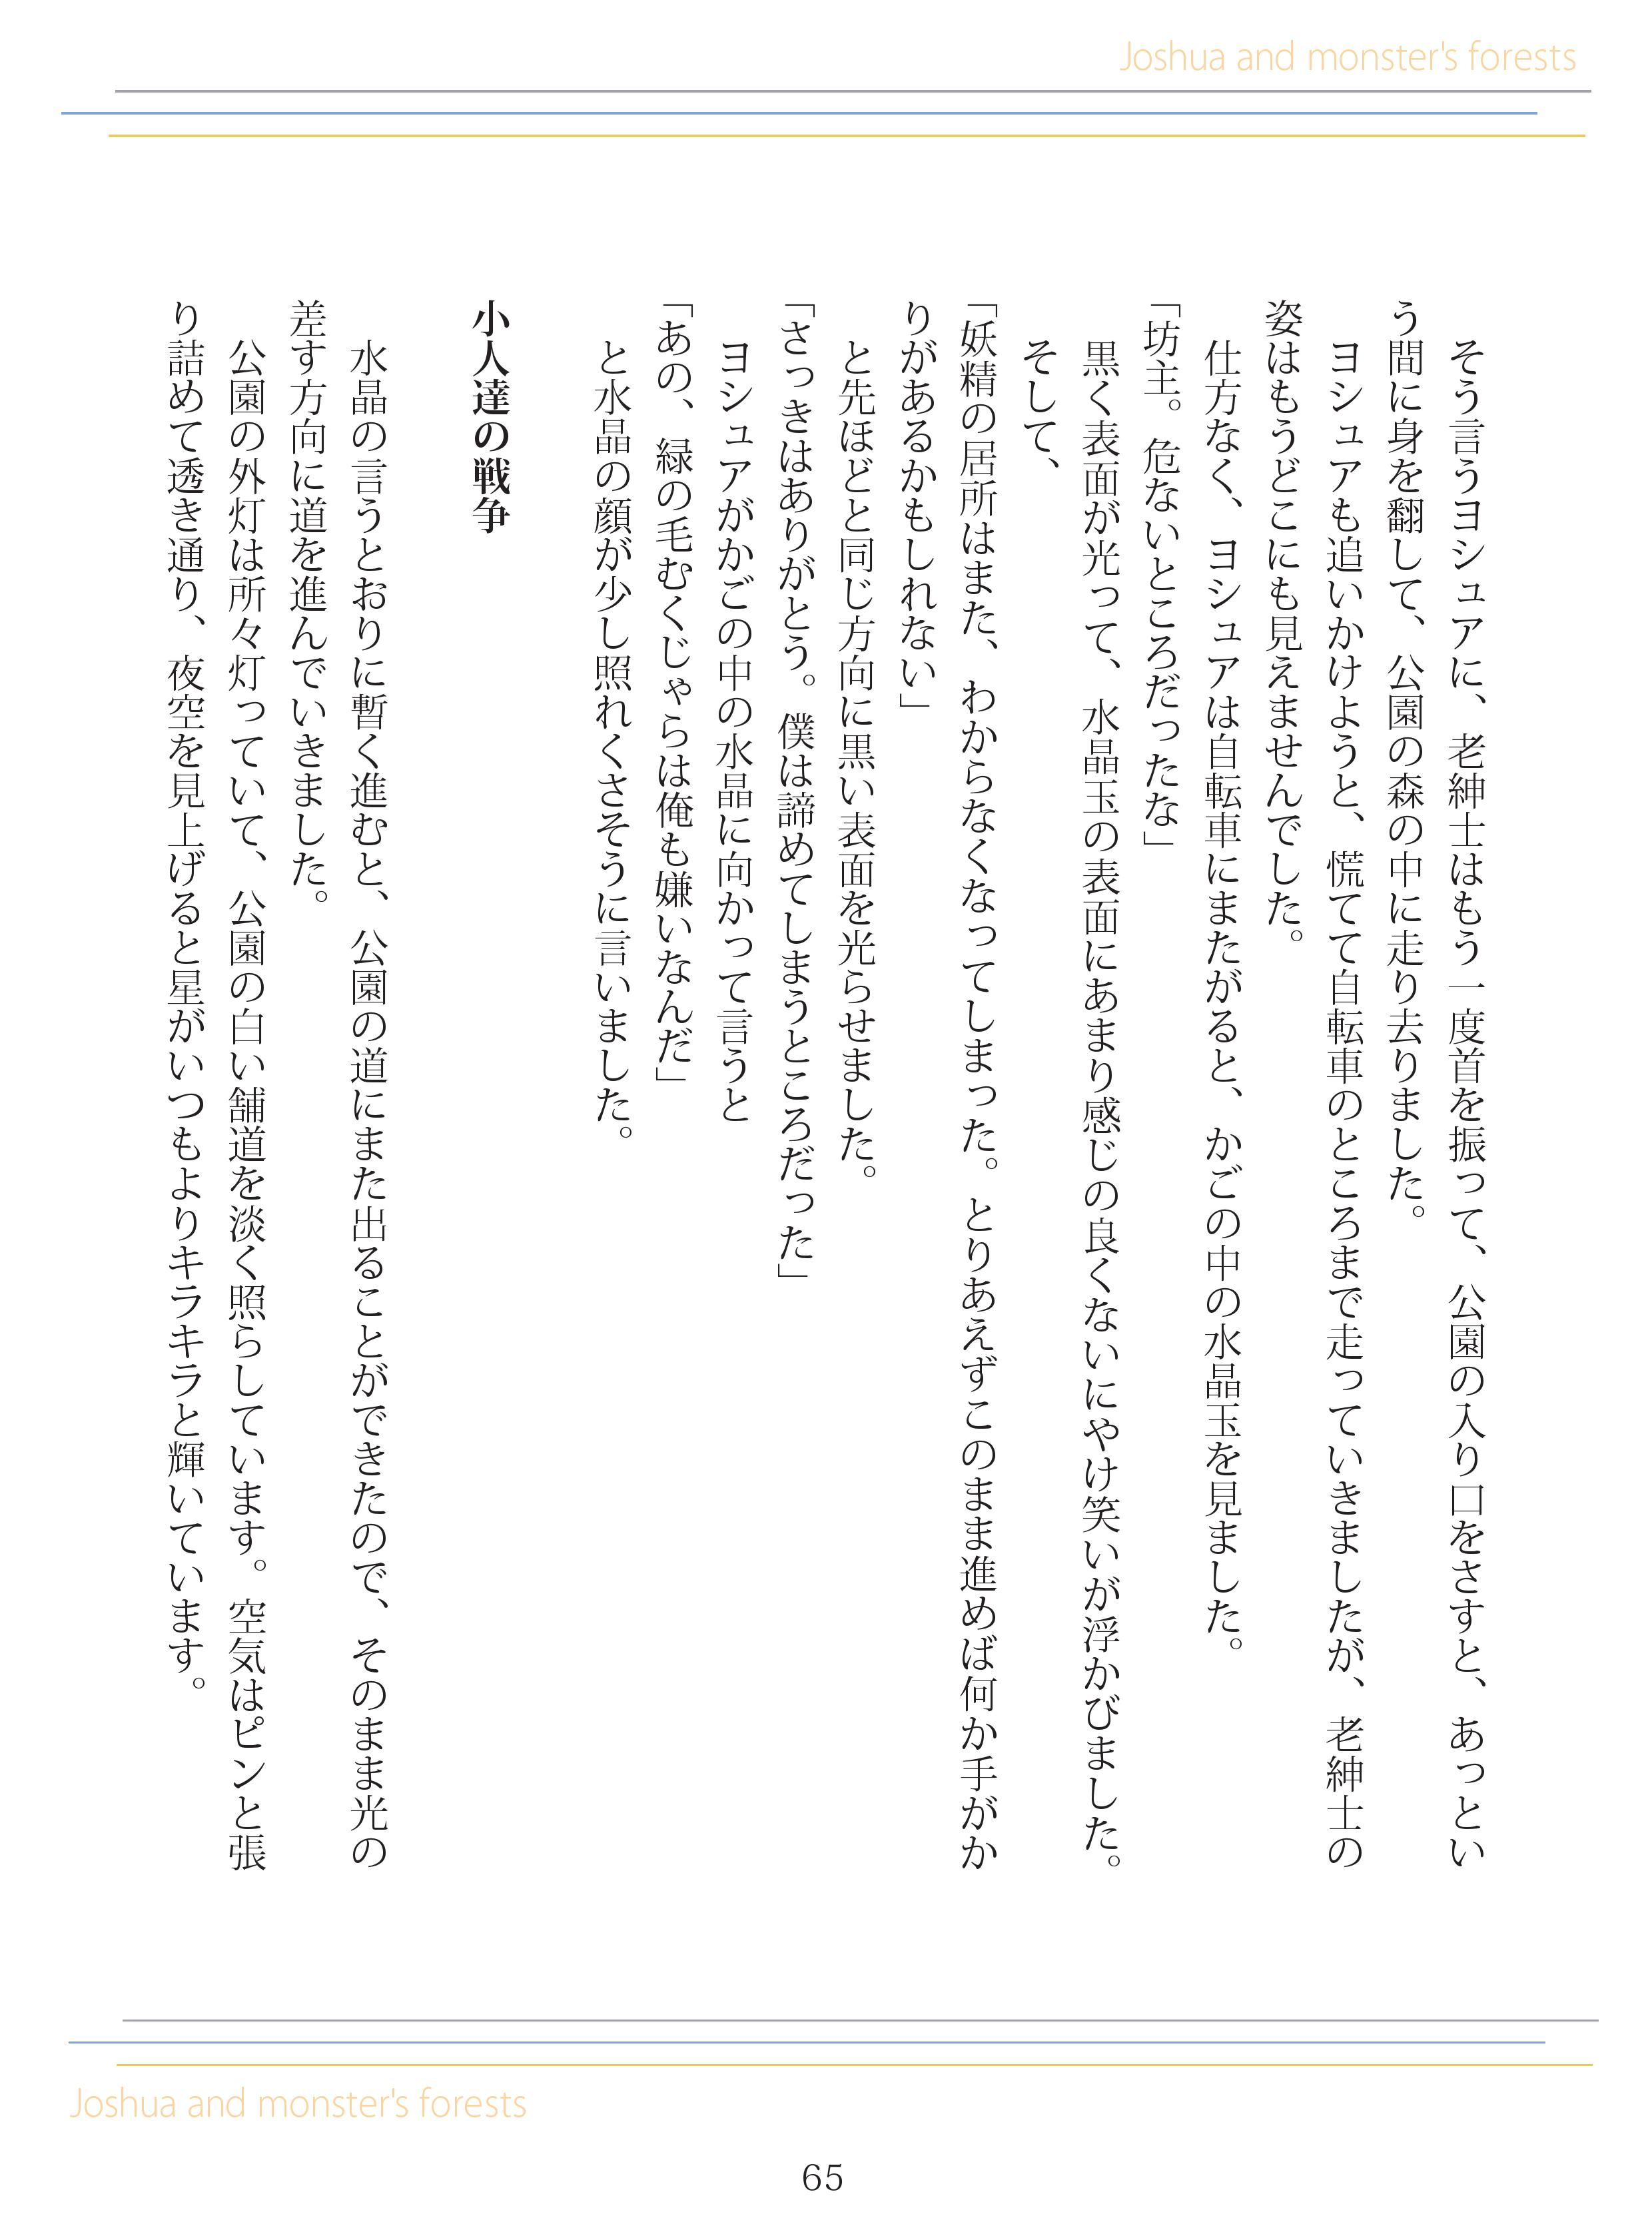 image_066